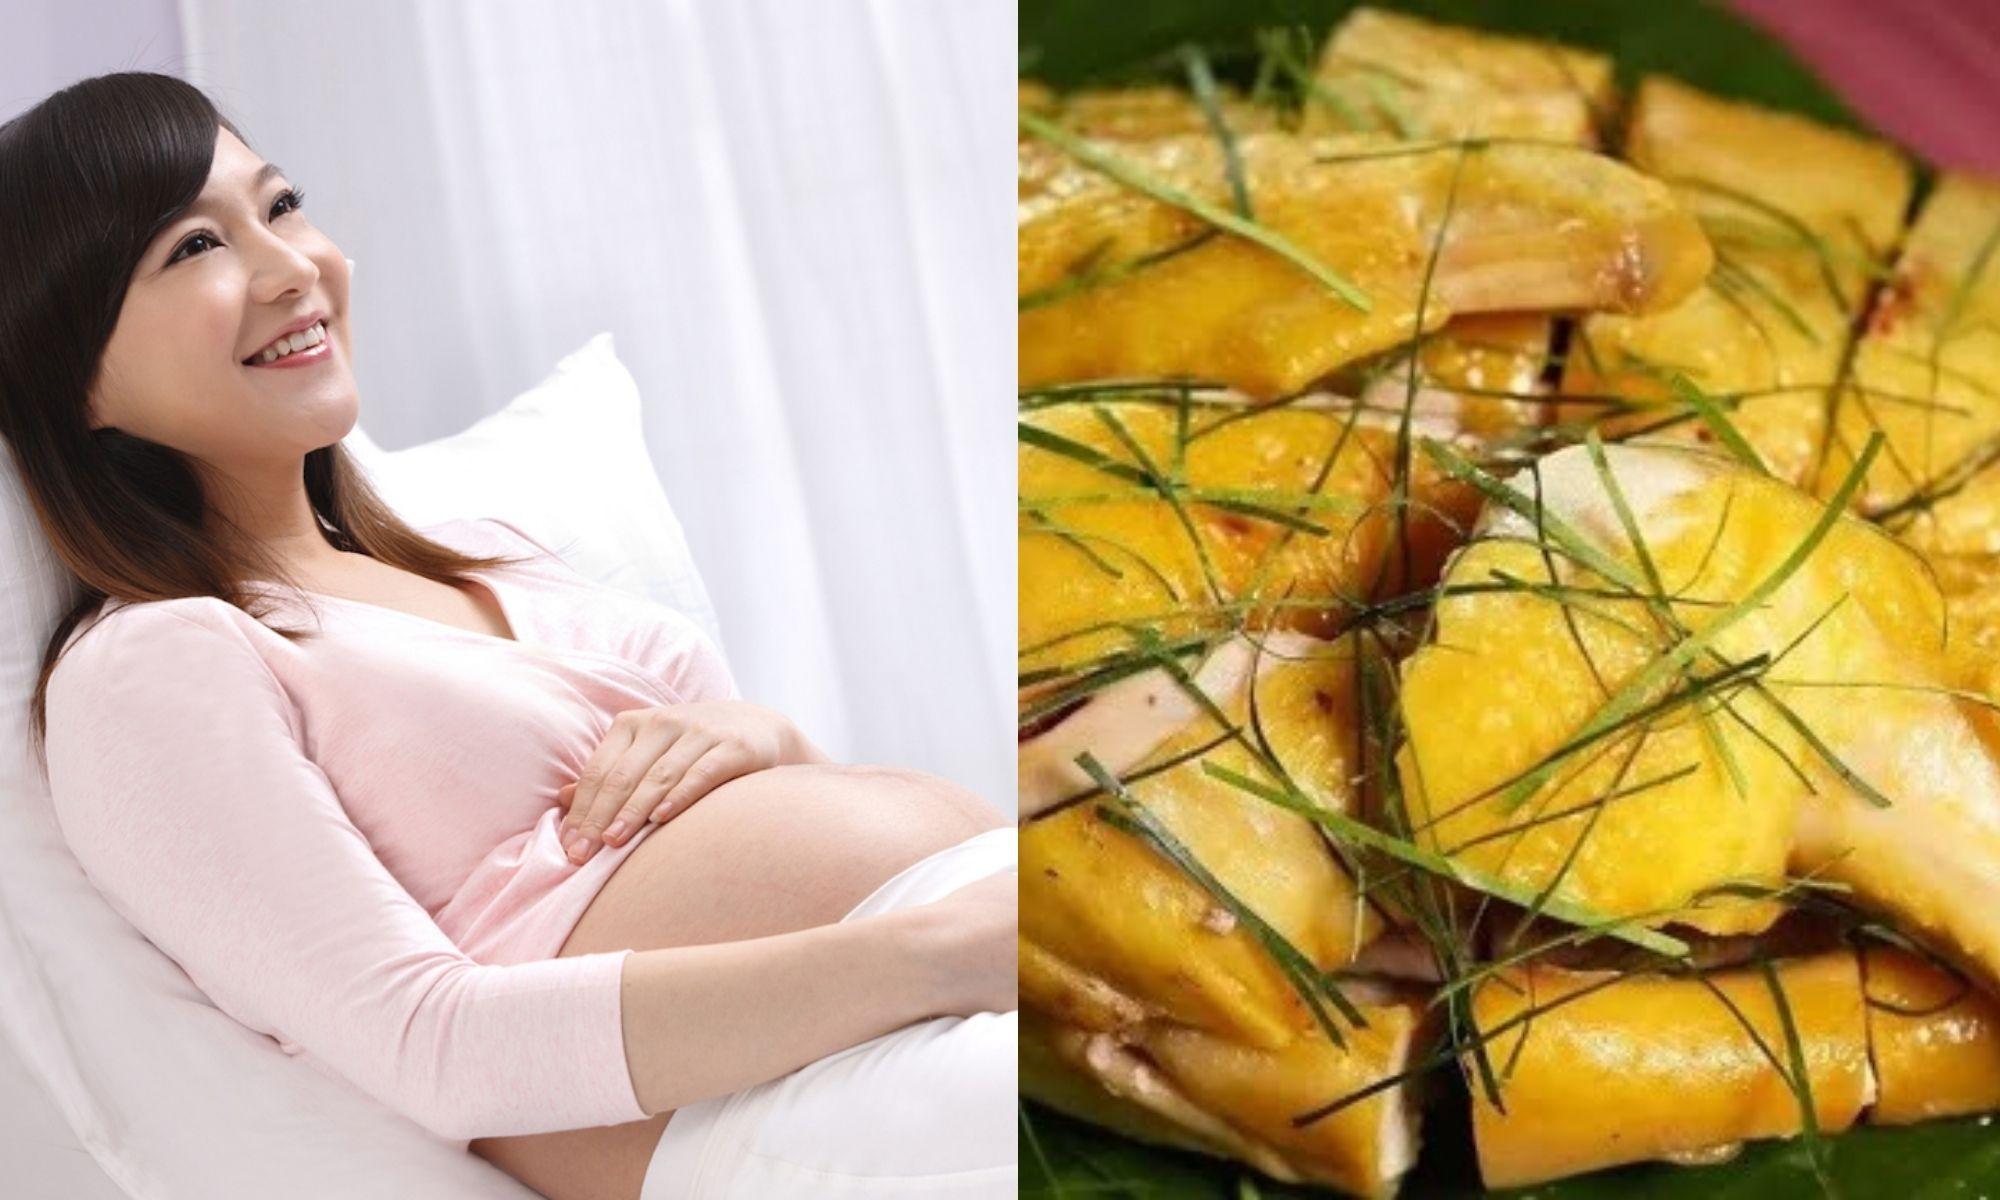 Bà bầu ăn thịt gà: Một thực phẩm tuyệt vời giúp an thai và giàu dinh dưỡng